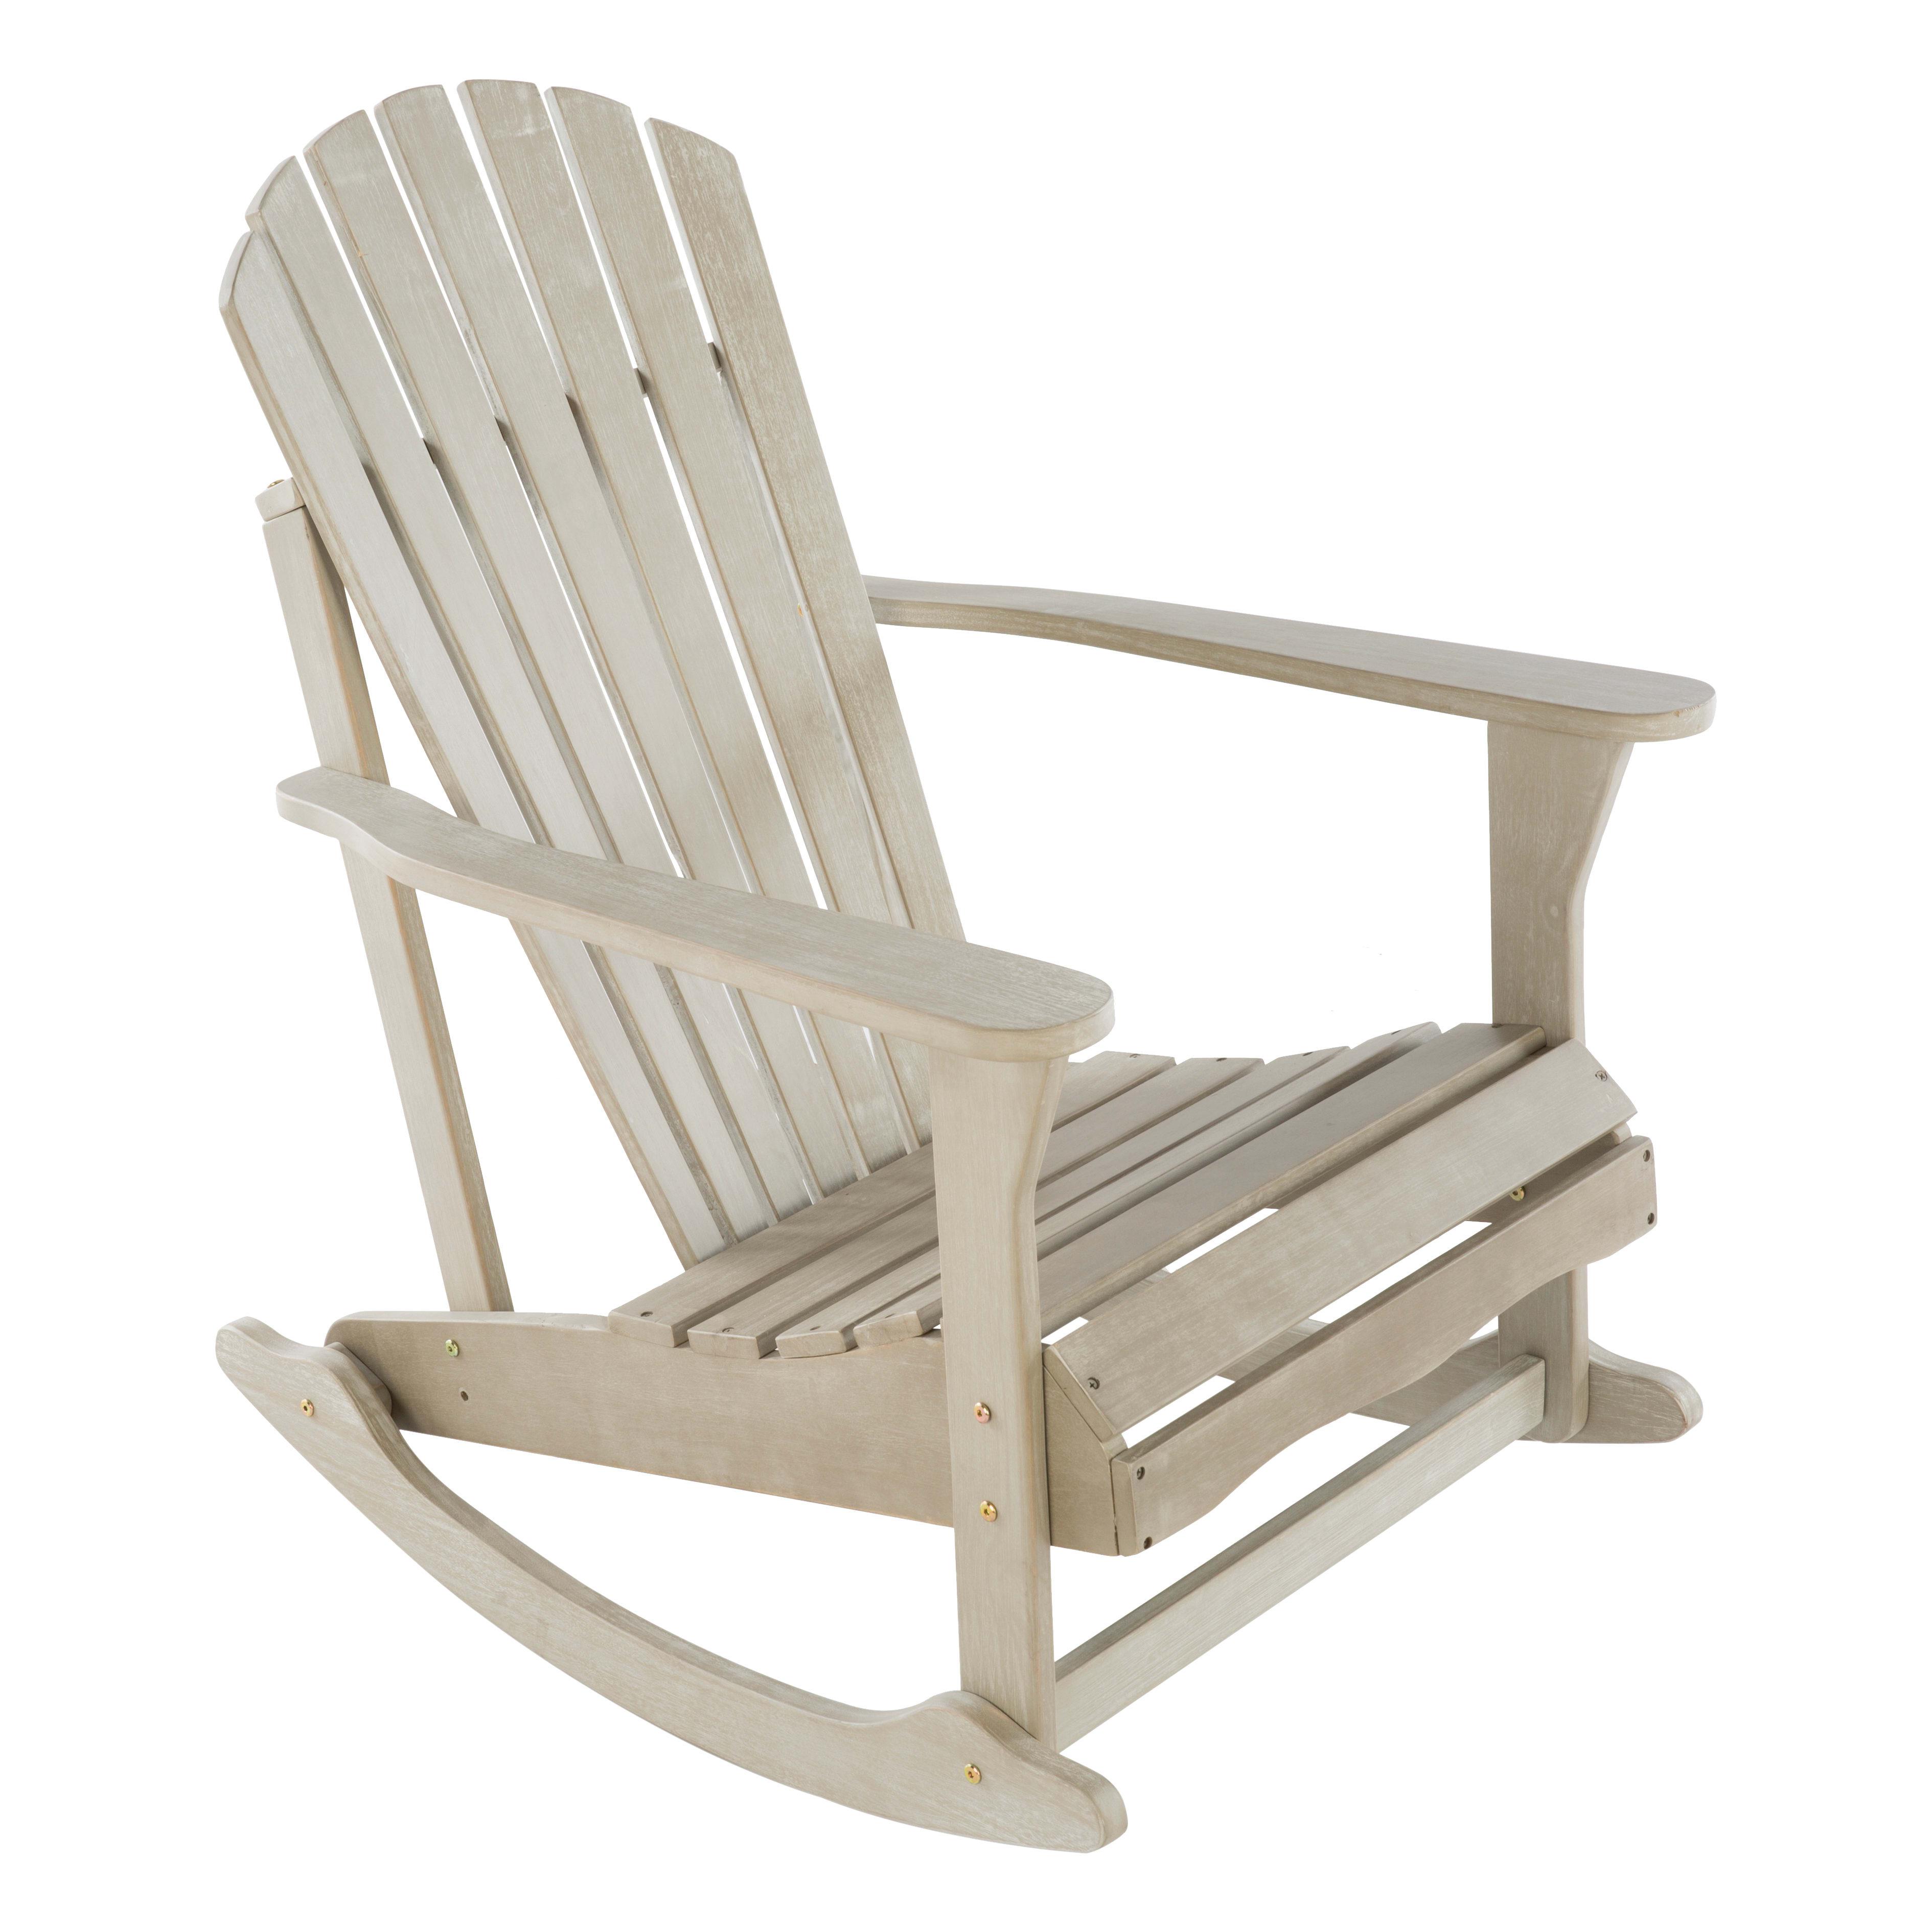 Sedie A Dondolo Per Terrazzo sedia da giardino senza cuscino in legno monopoli naterial colore grigio